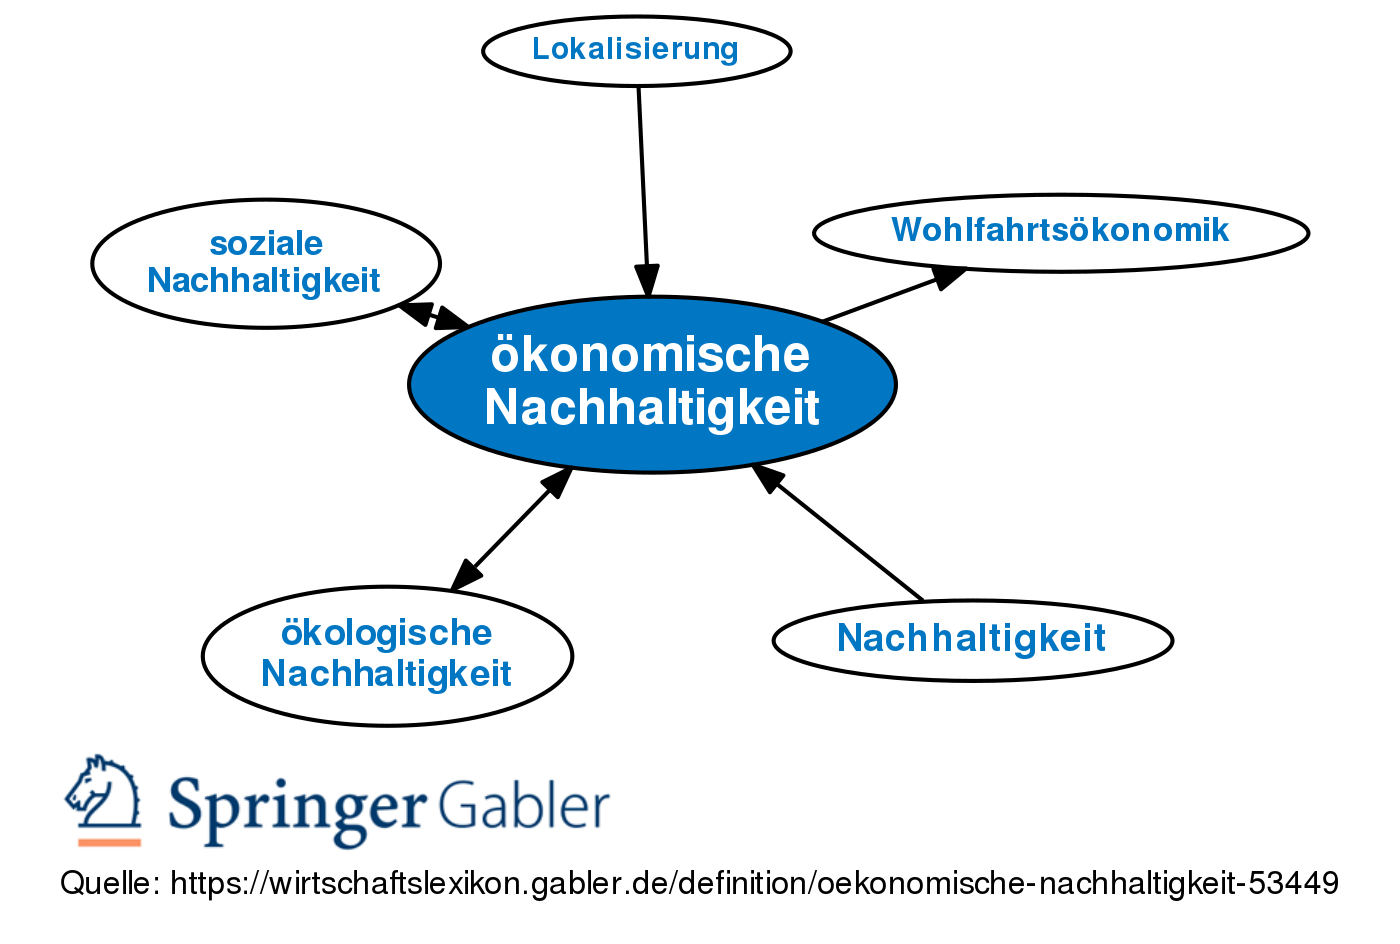 Okonomische Nachhaltigkeit Definition Gabler Wirtschaftslexikon